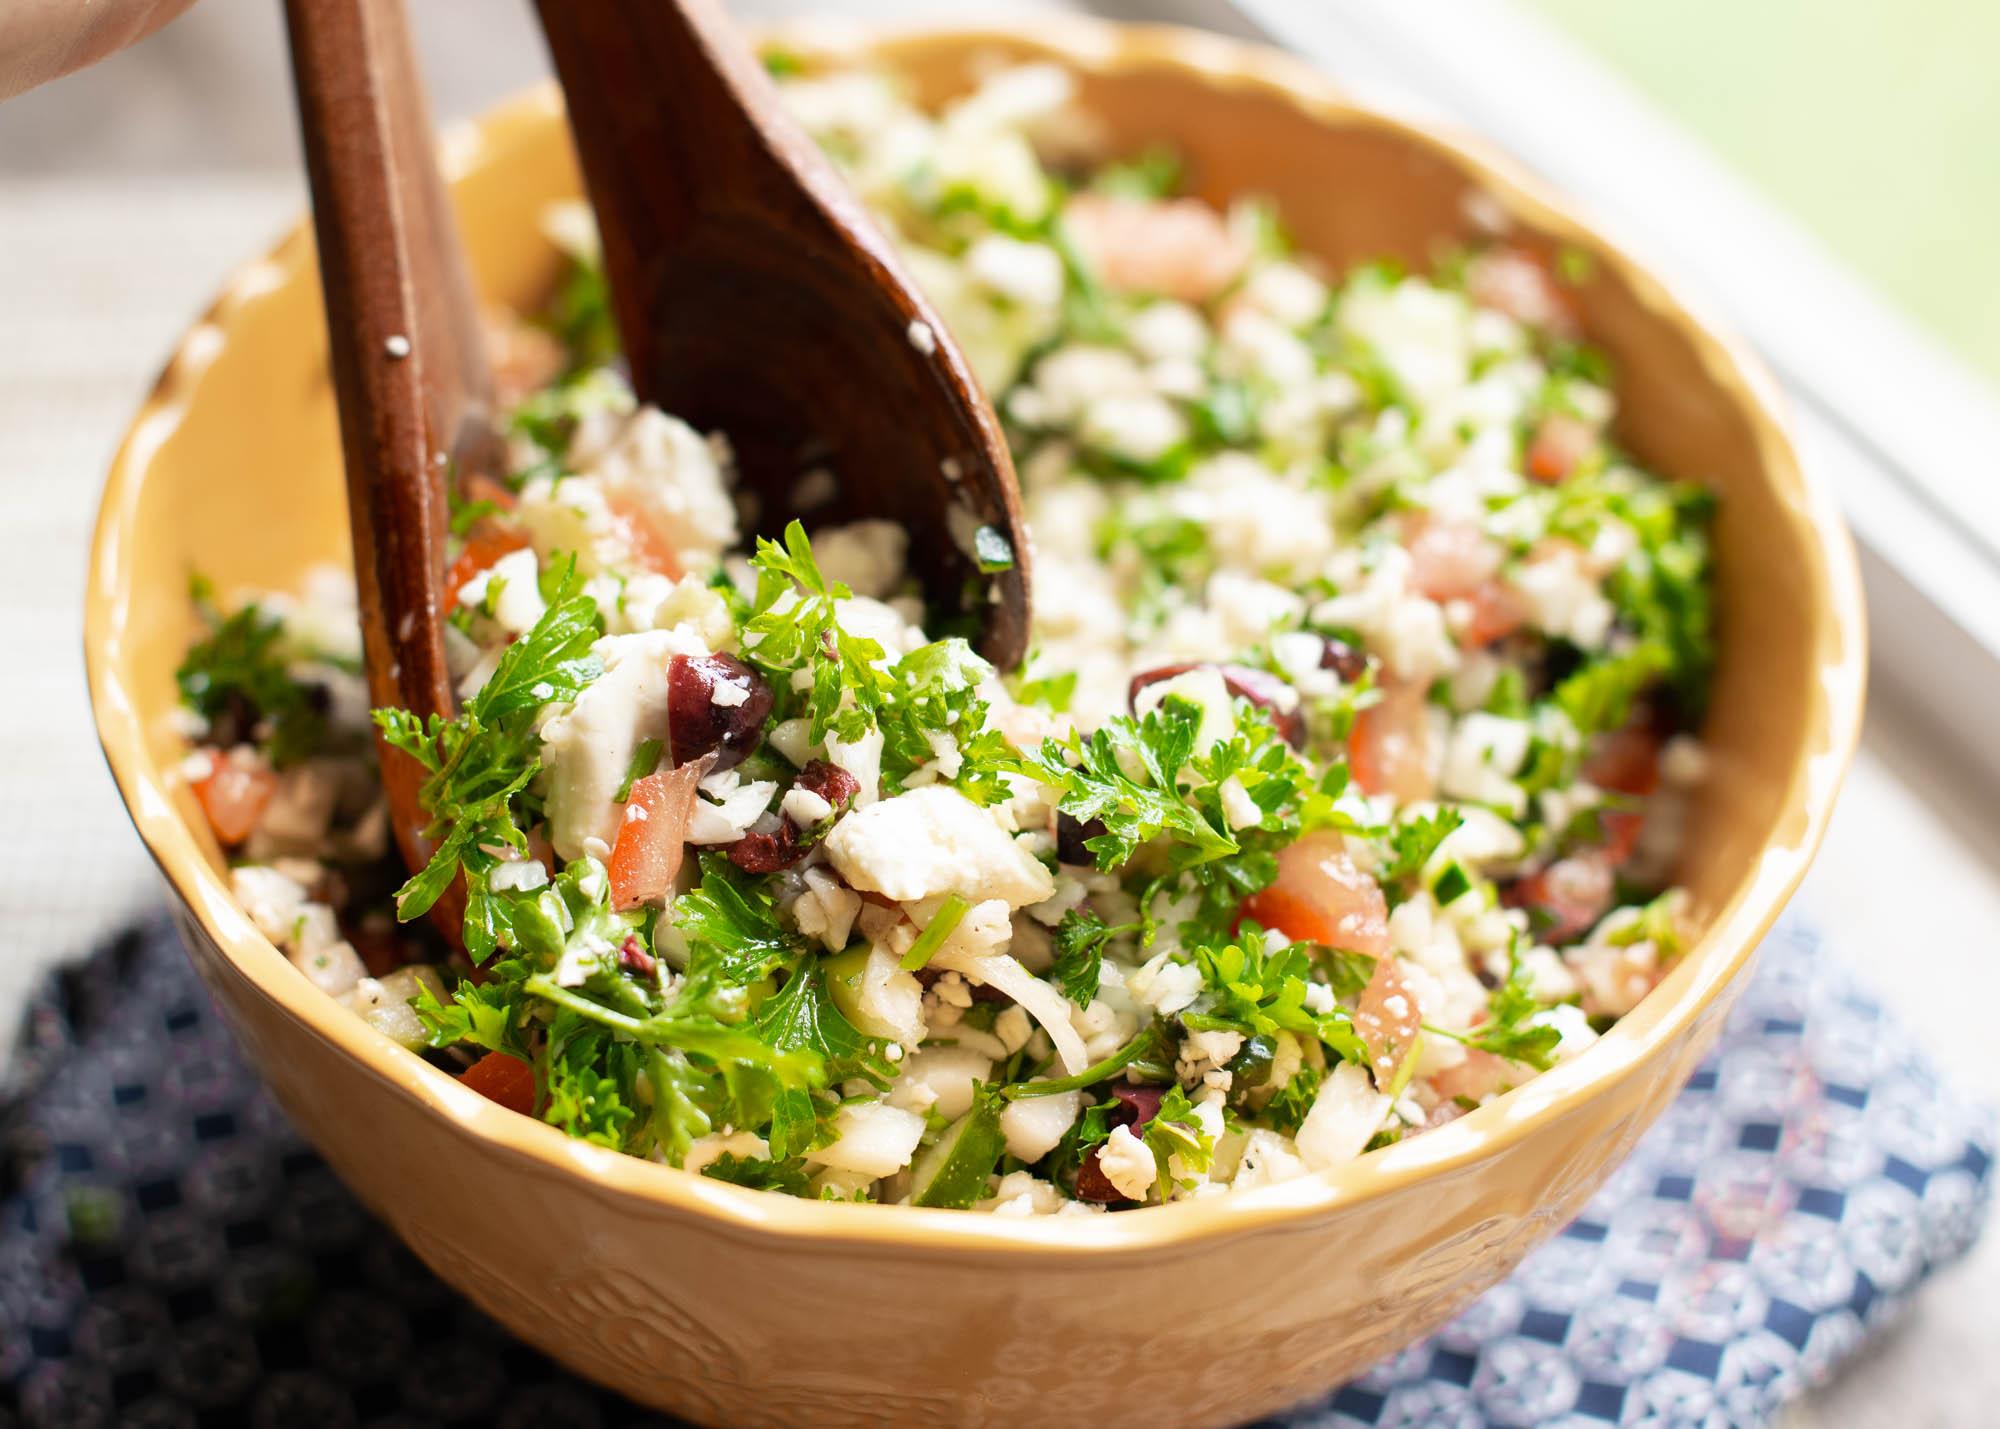 Cauli Rice Tabbouleh